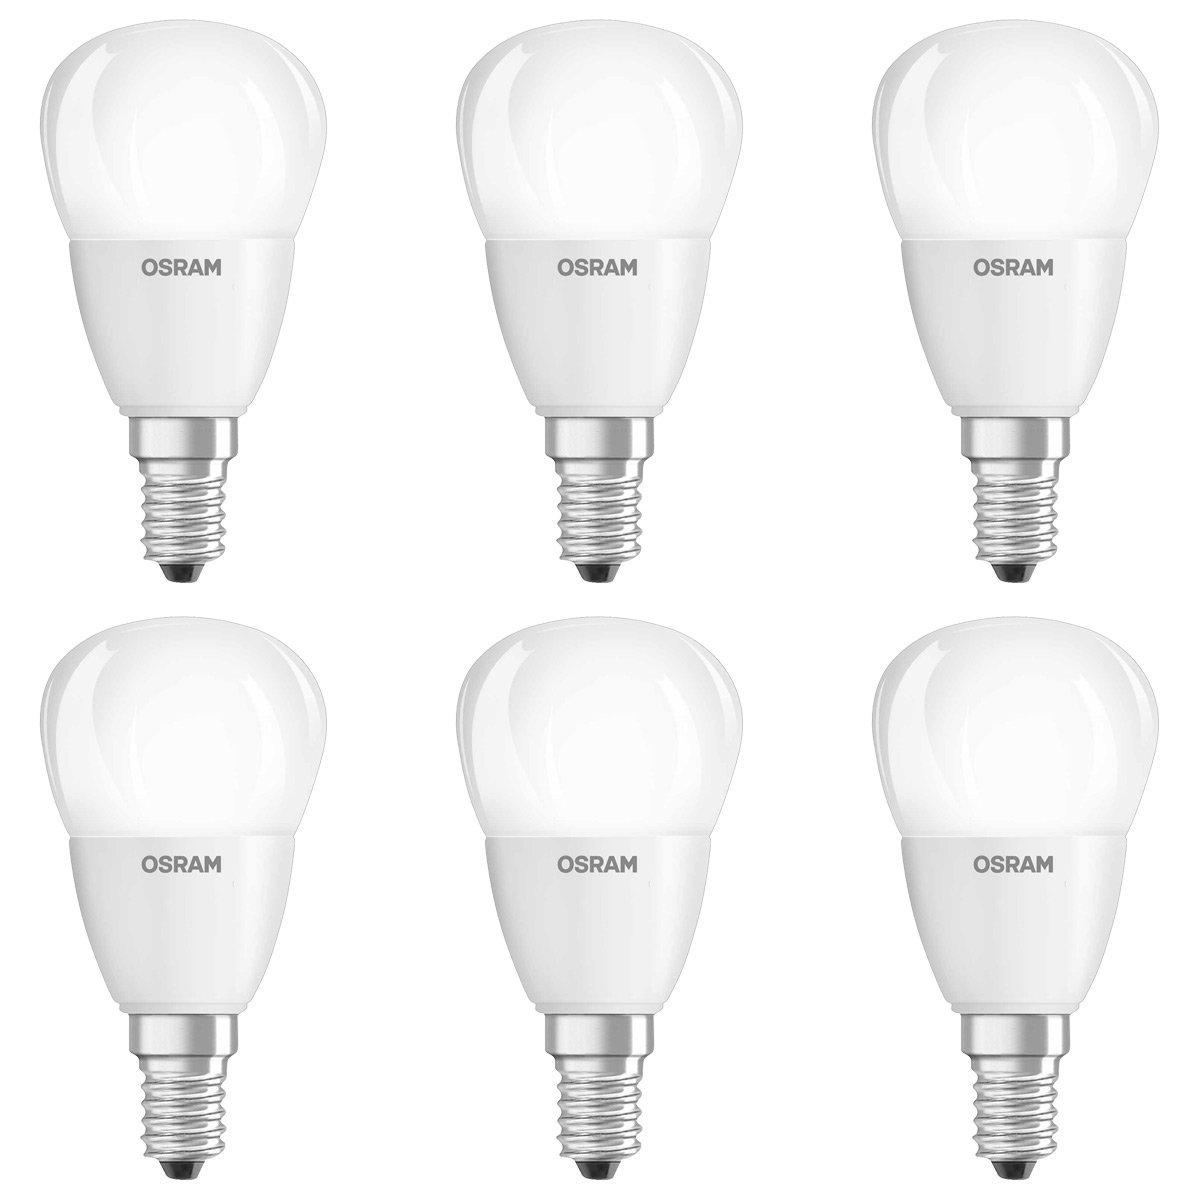 Osram LED Lampe 6er Pack amazon